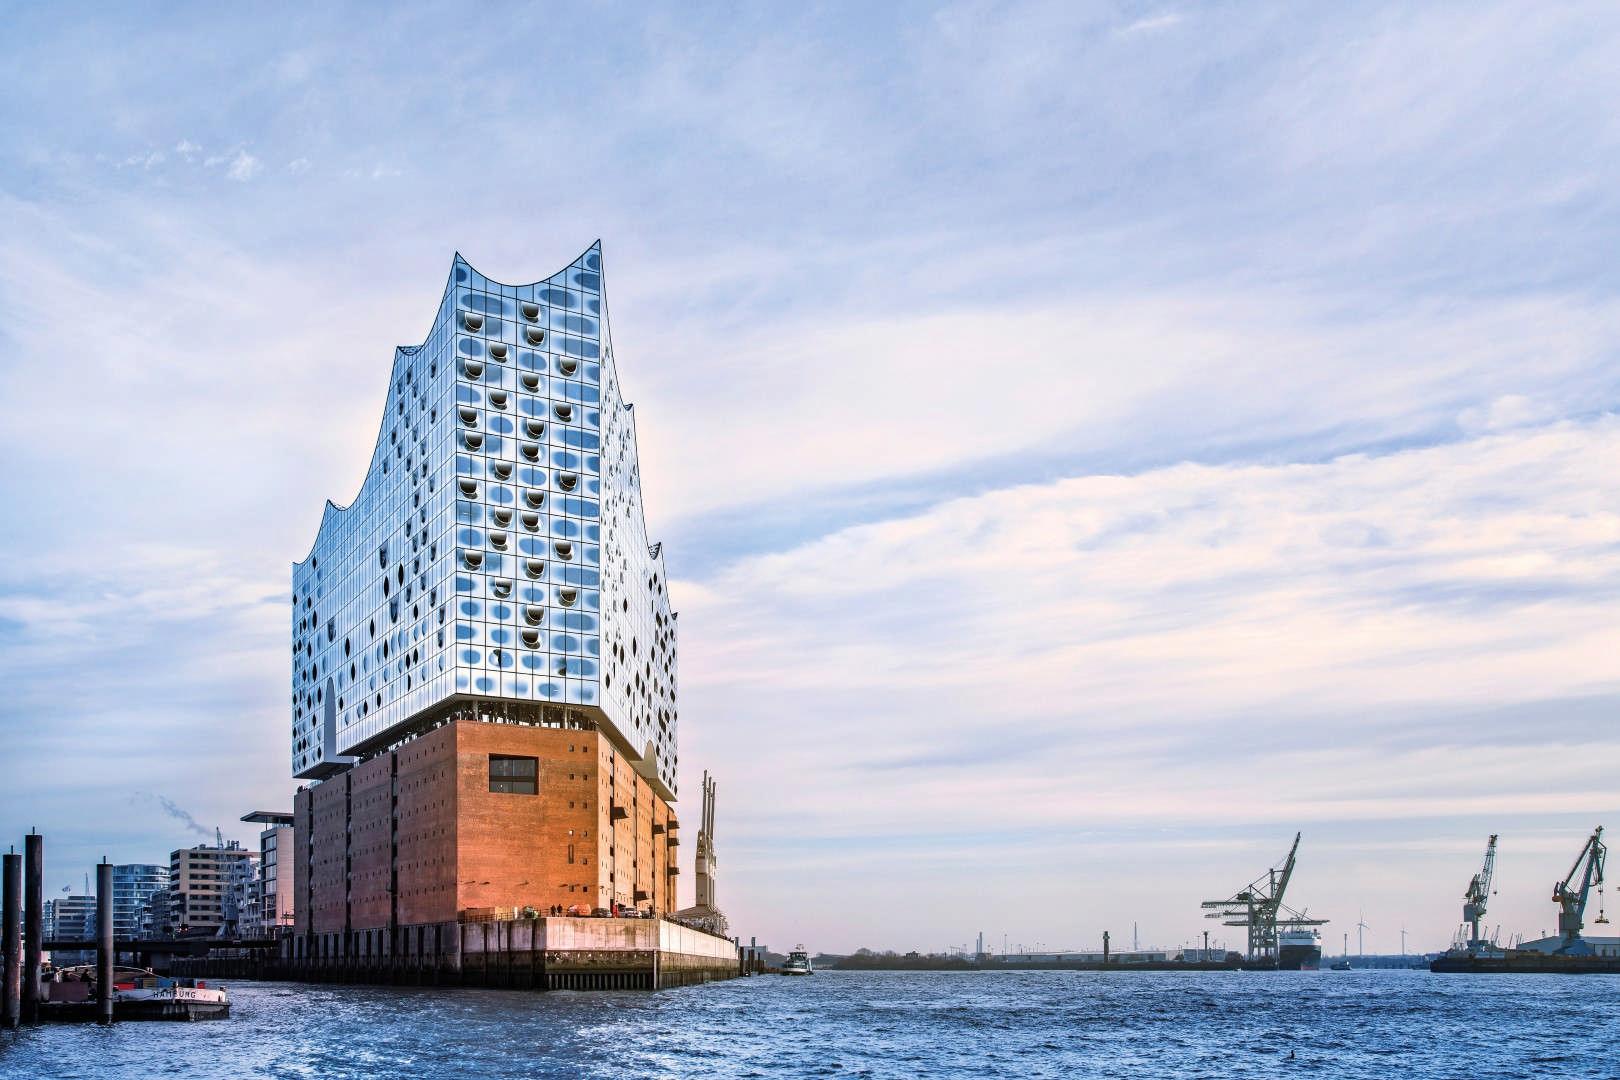 Illbruck, Elbphilharmonie w Hamburgu